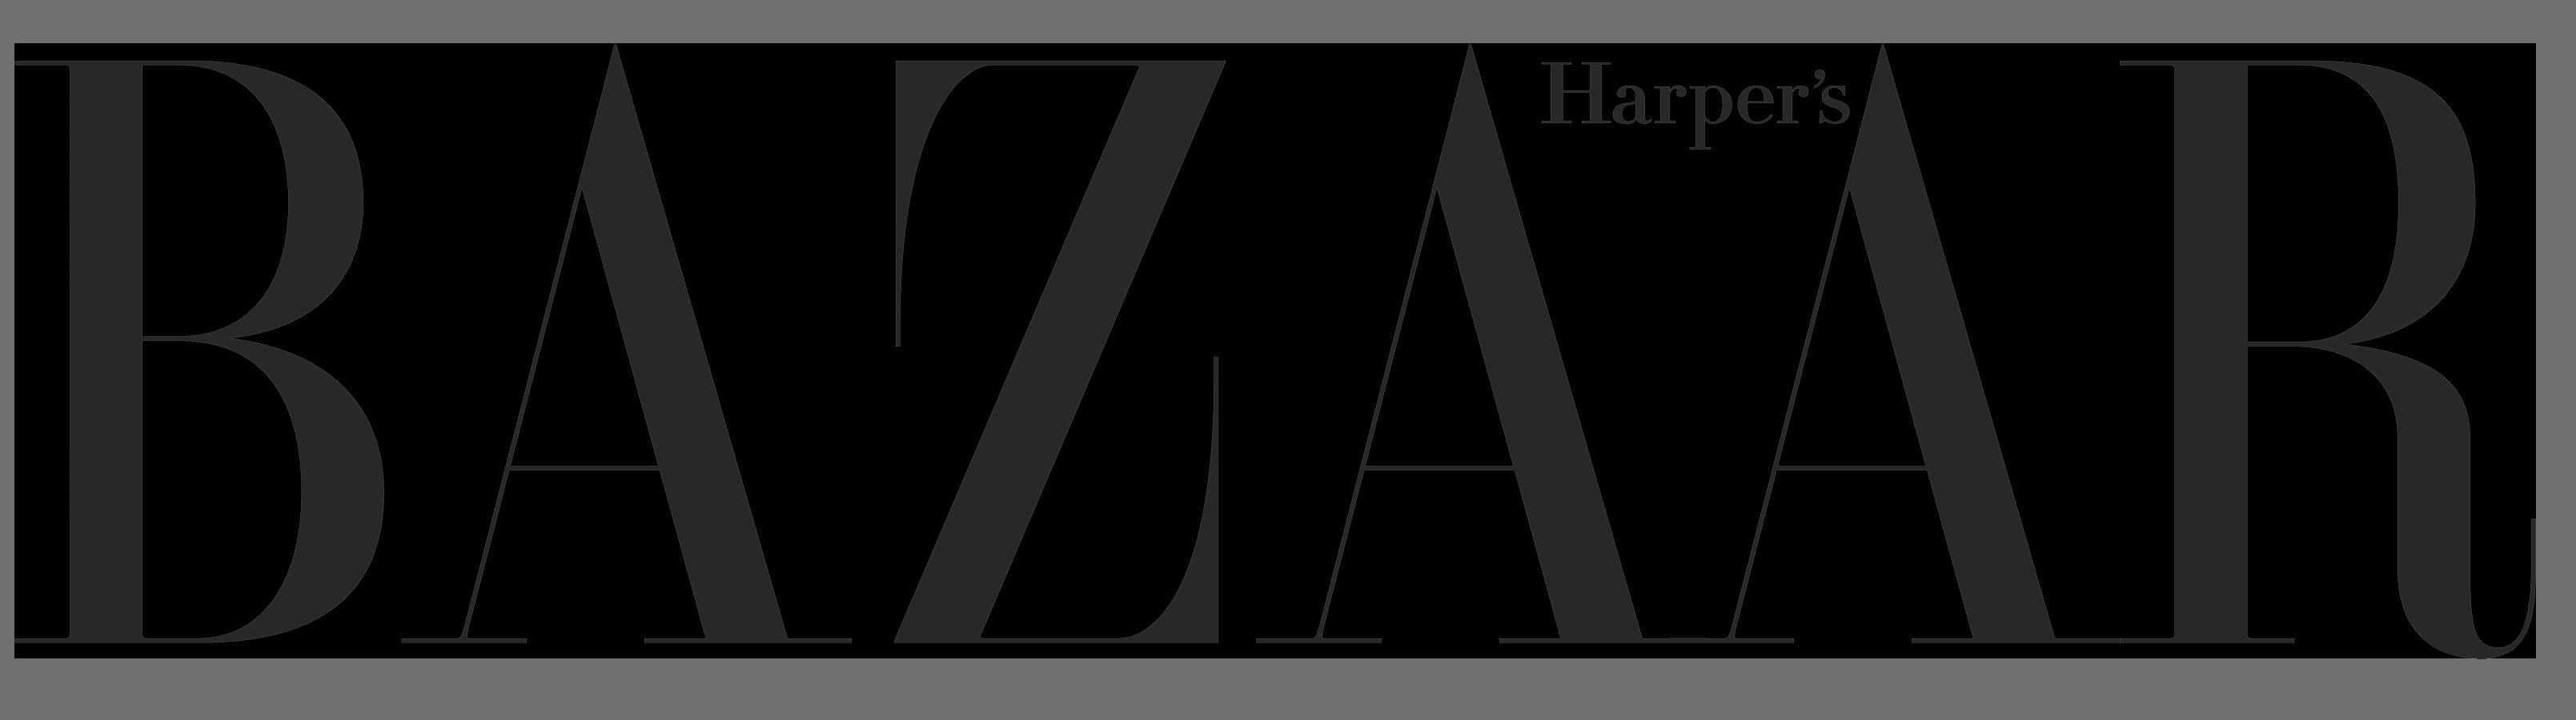 Harpers_Bazaar_logo_logotype